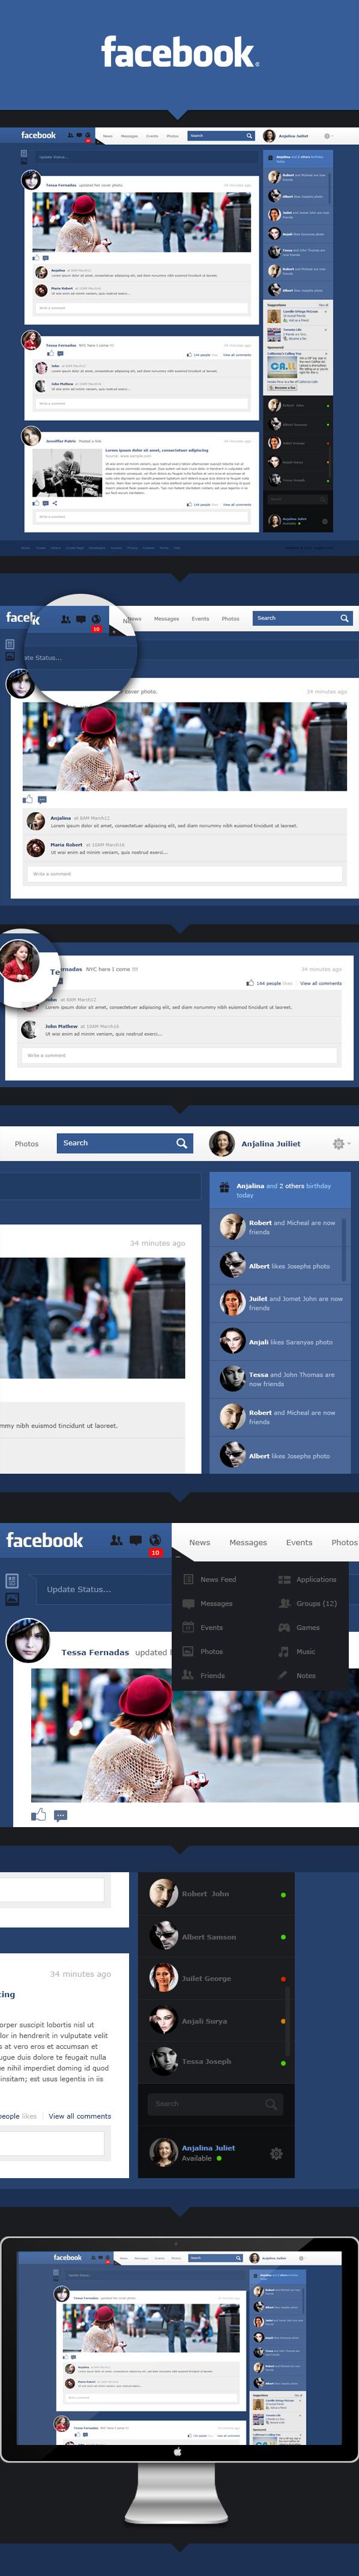 social media social netoworking Website online Freelance freelancer